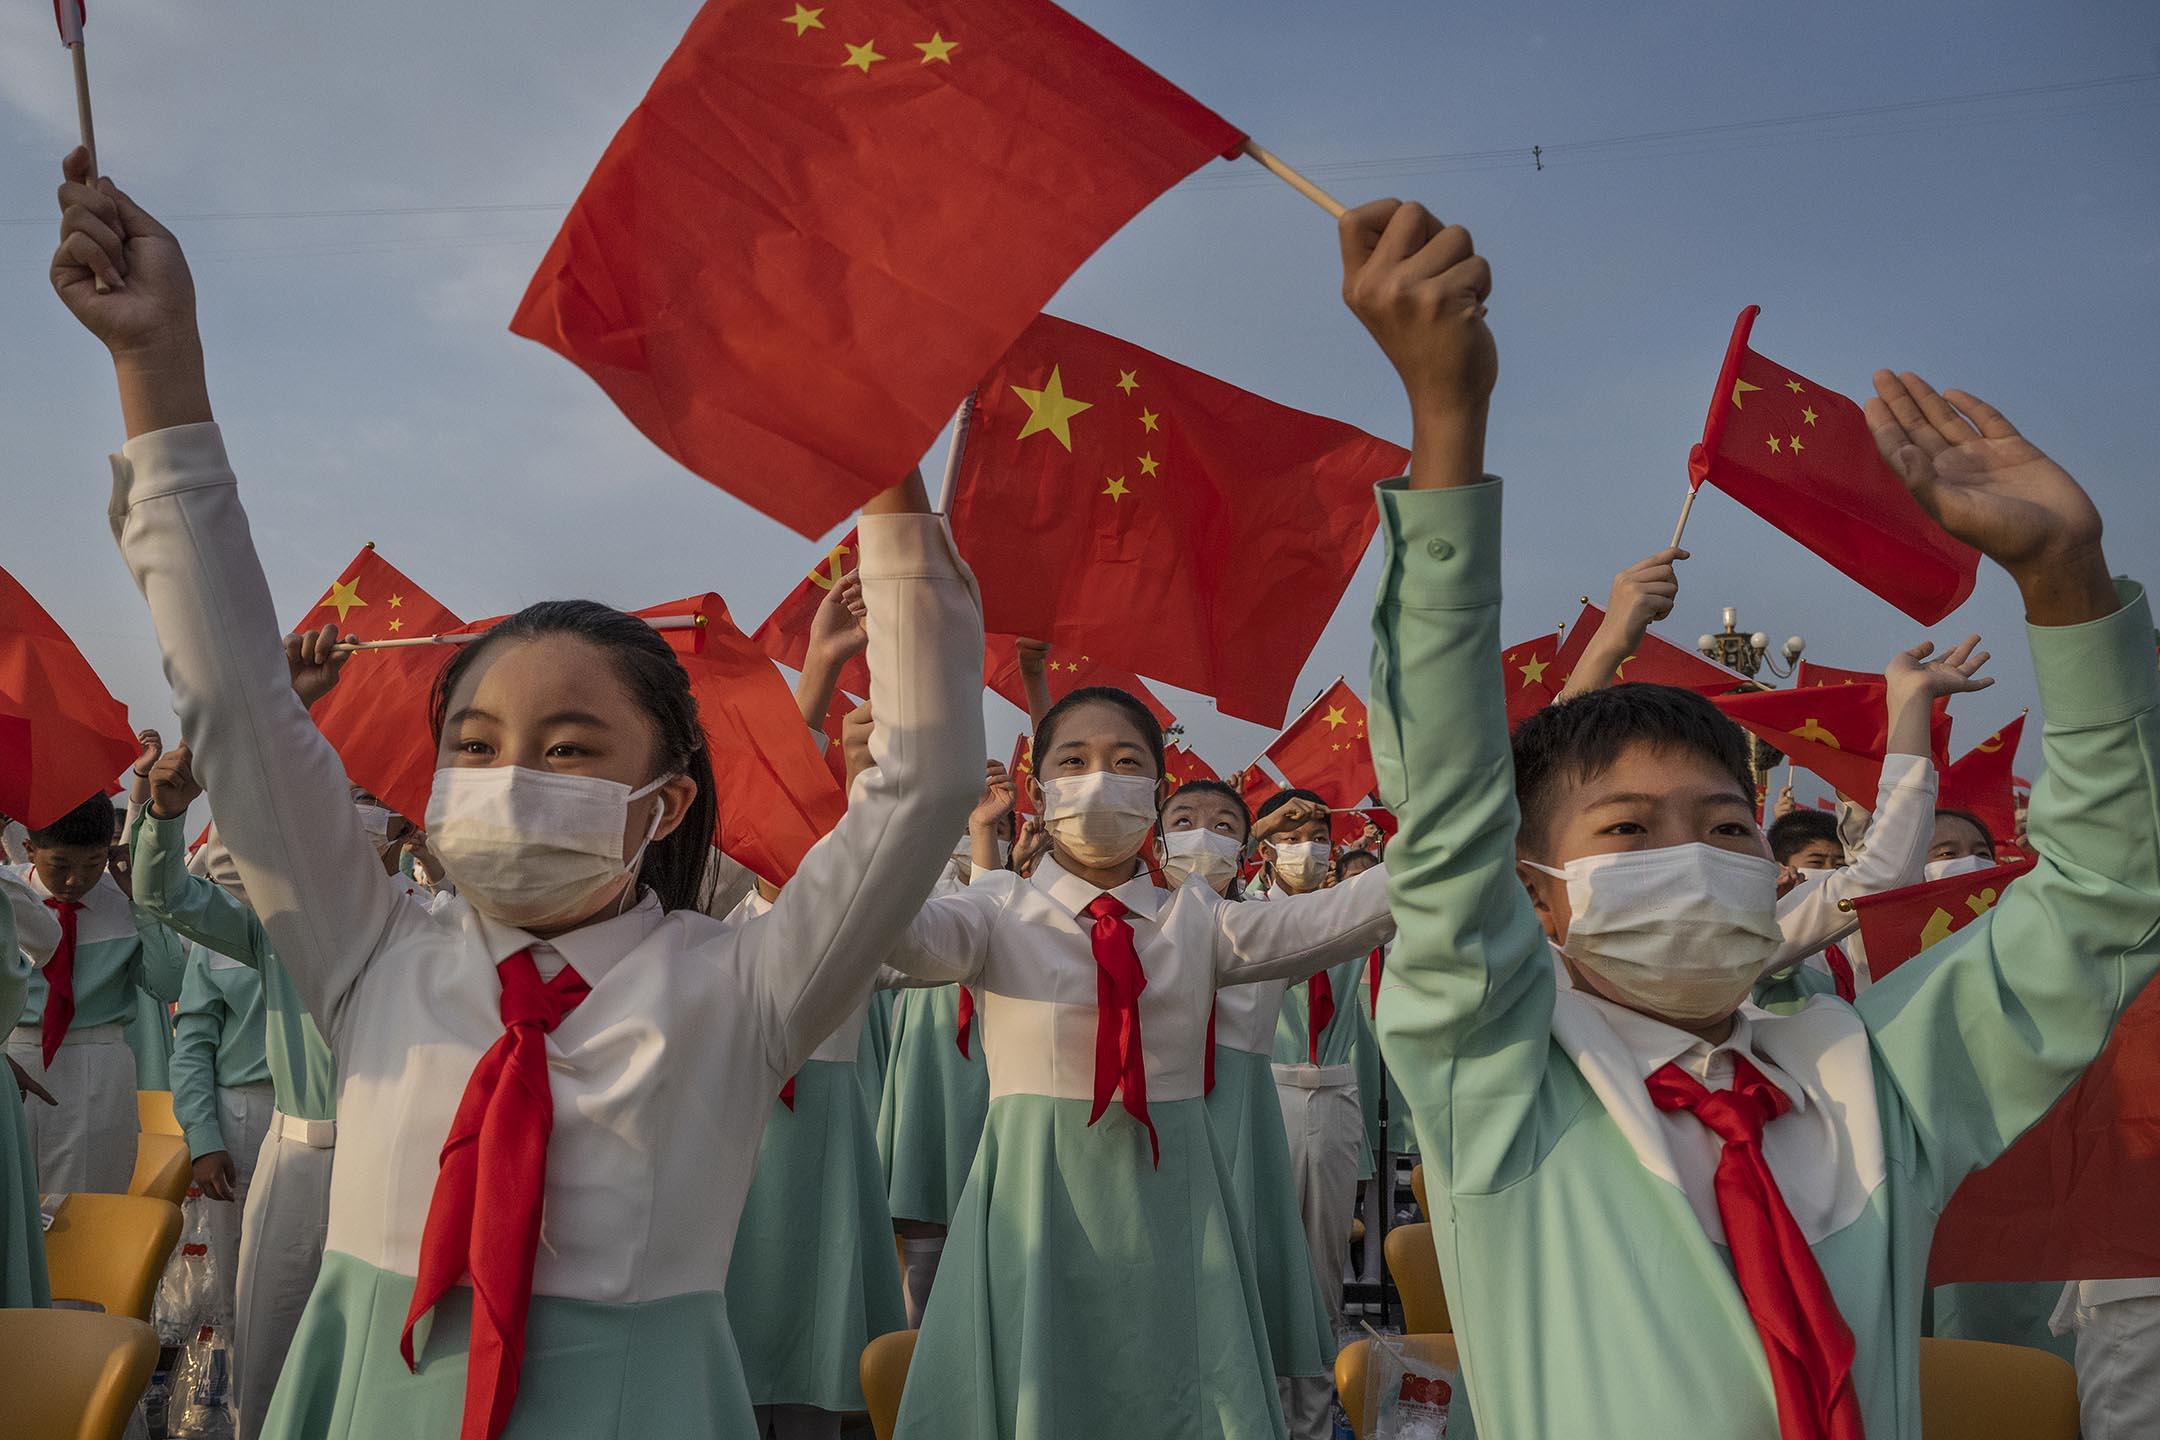 2021年7月1日中國北京,中國學生在天安門廣場舉行的慶祝共產黨成立 100 週年的儀式上揮舞黨旗和國旗。